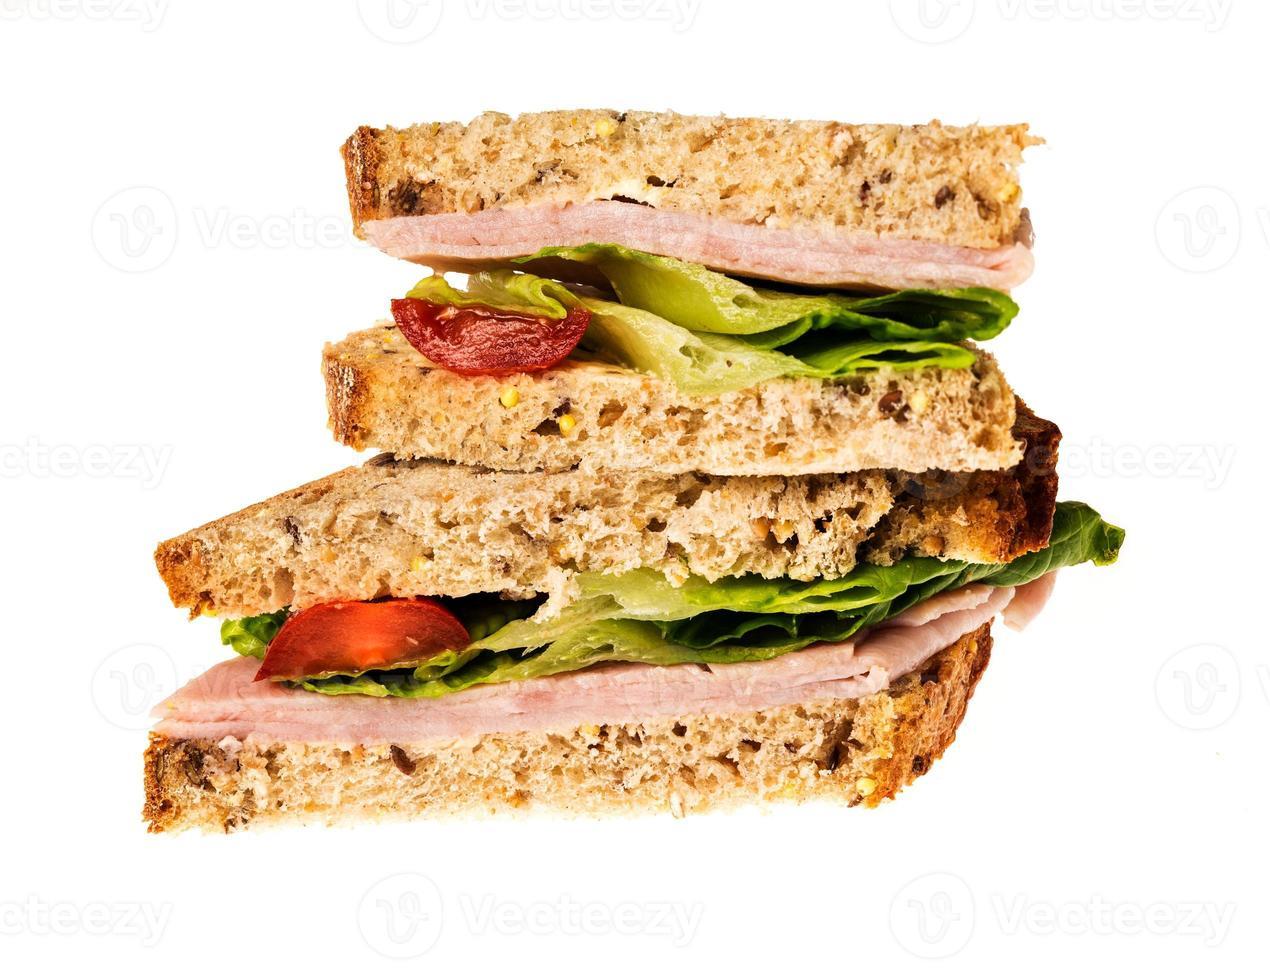 engelska multigrain bröd skinka smörgås foto